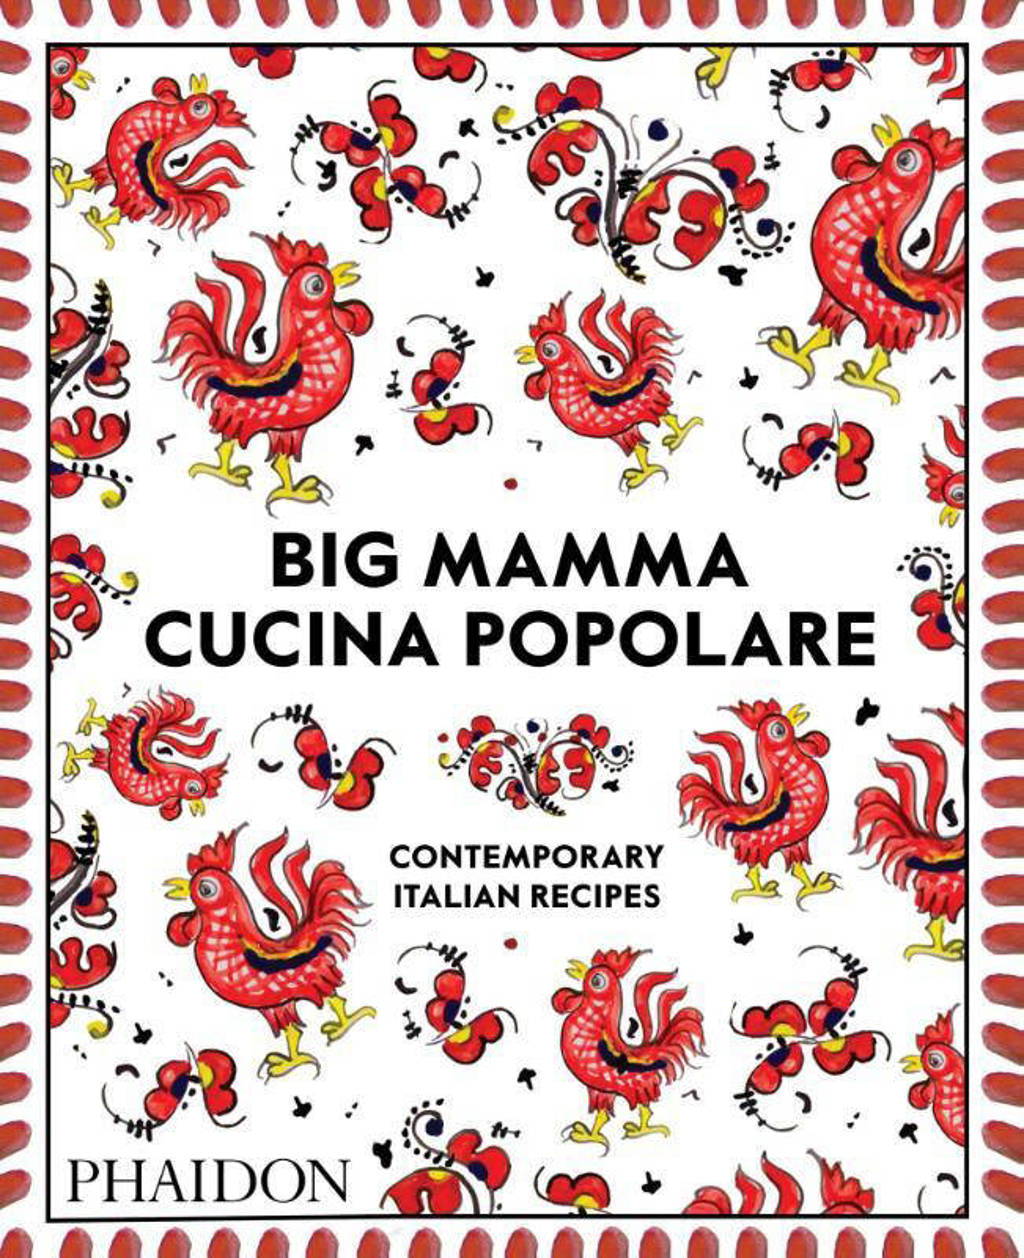 Big Mamma's Cucina Popolare - Big, Mama